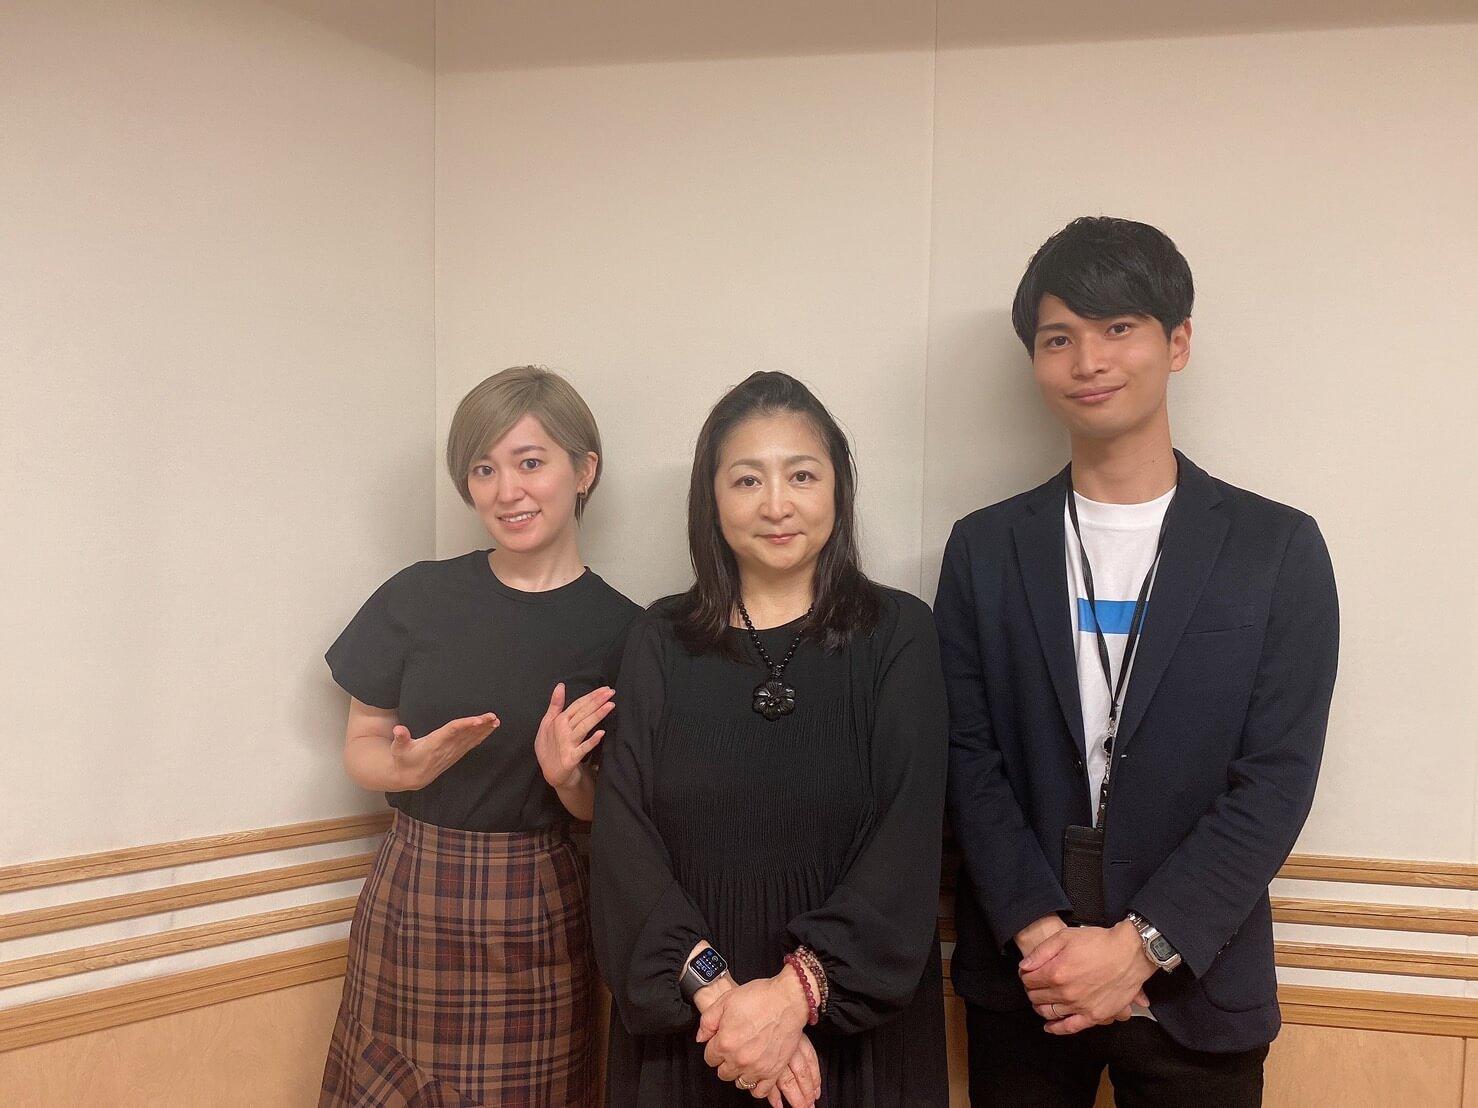 キャスティングディレクターの川村恵さんが登場!【9/27(月) ワンダーユーマン】